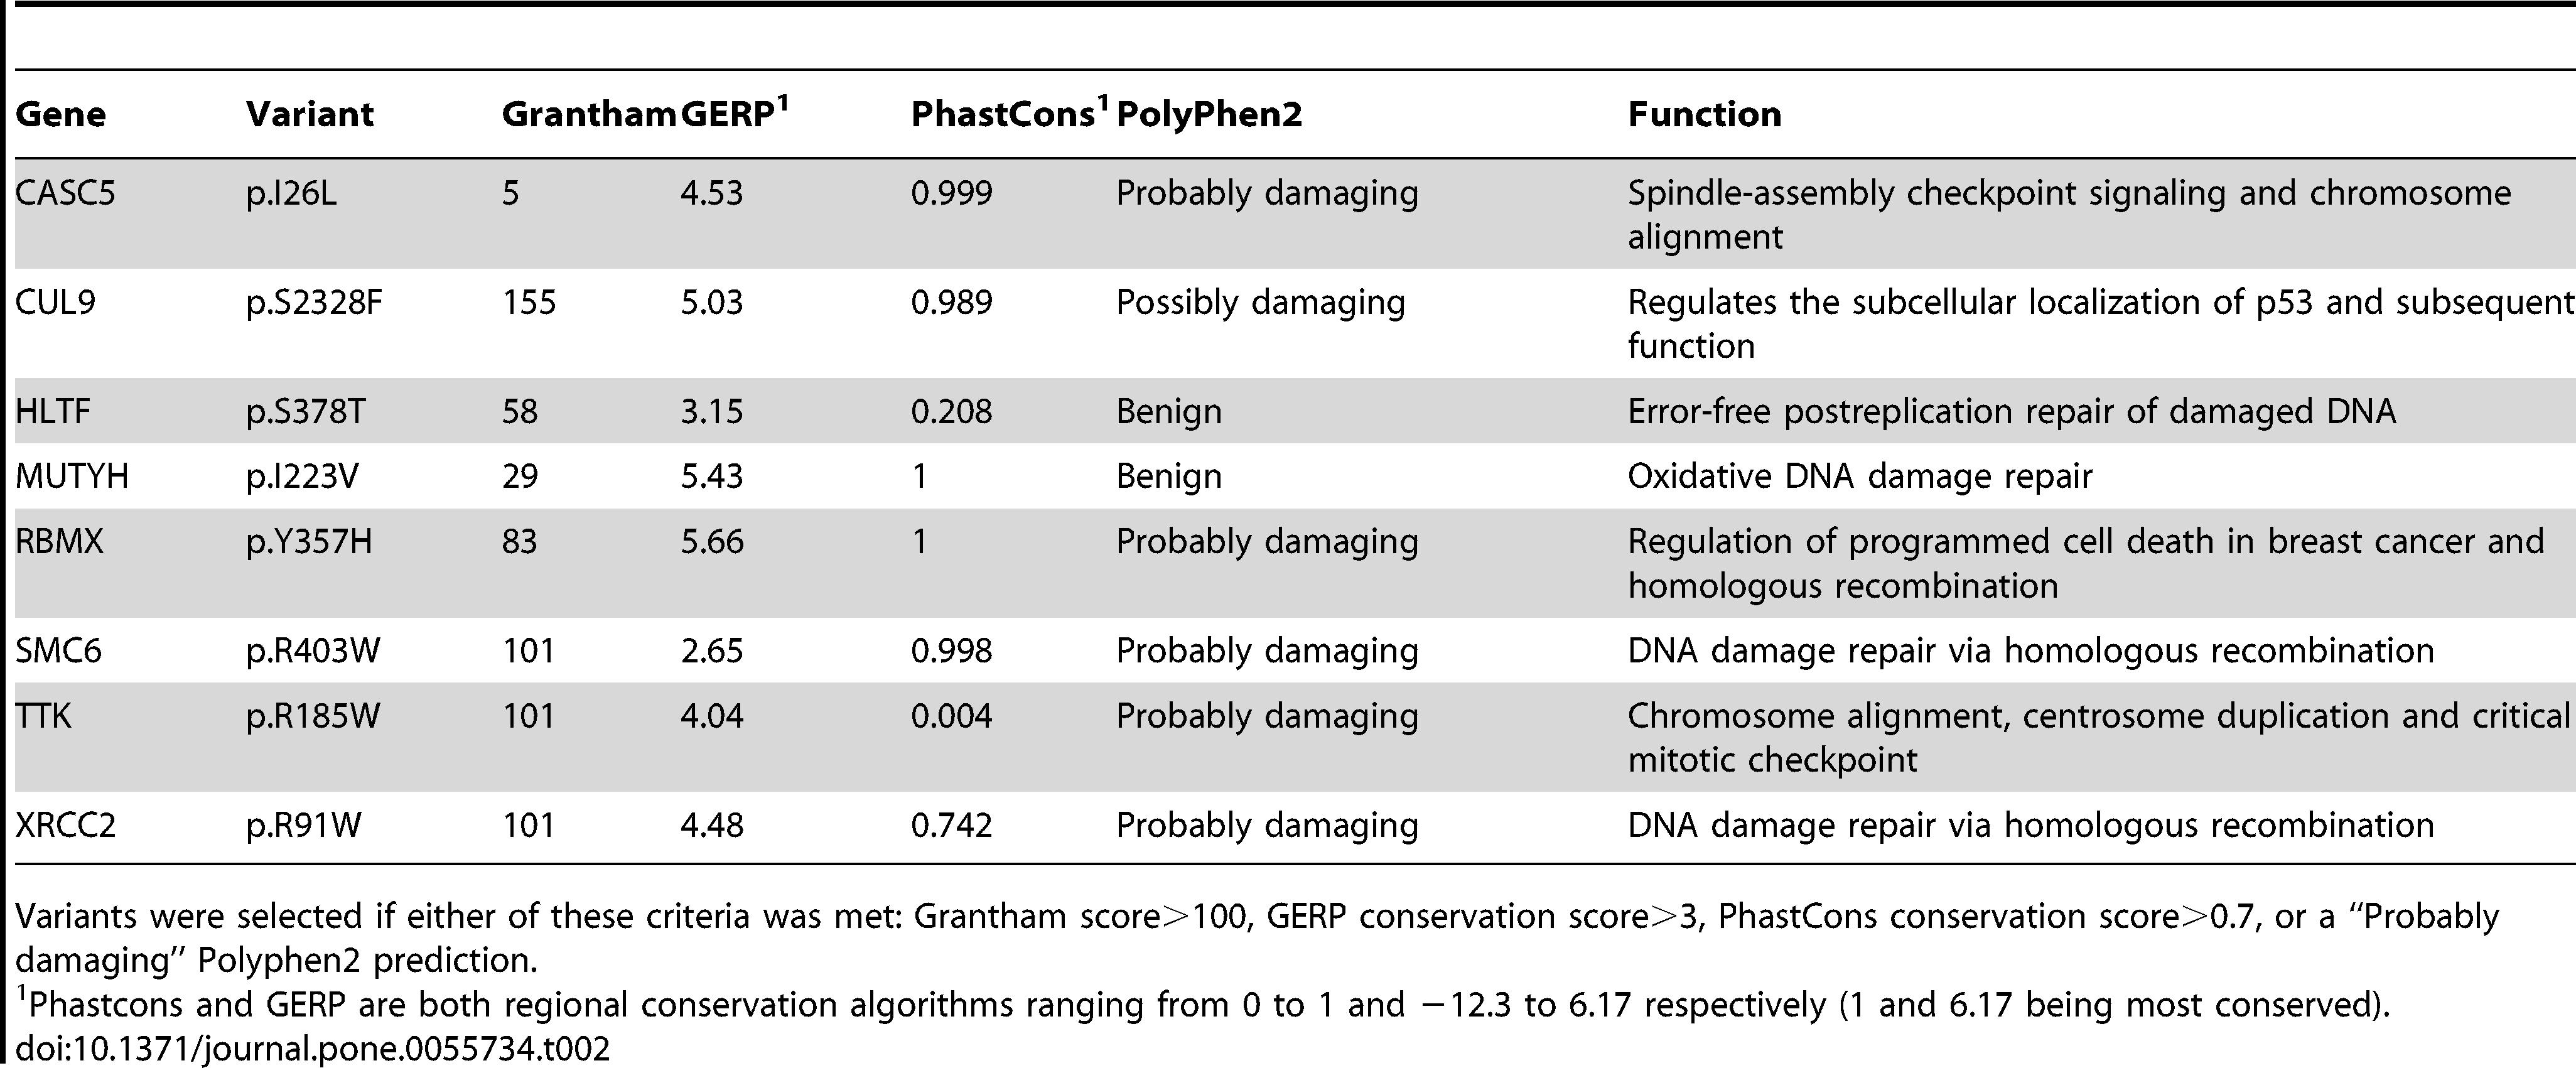 Analize Genetica moleculara - Preturi si informatii utile | Bioclinica